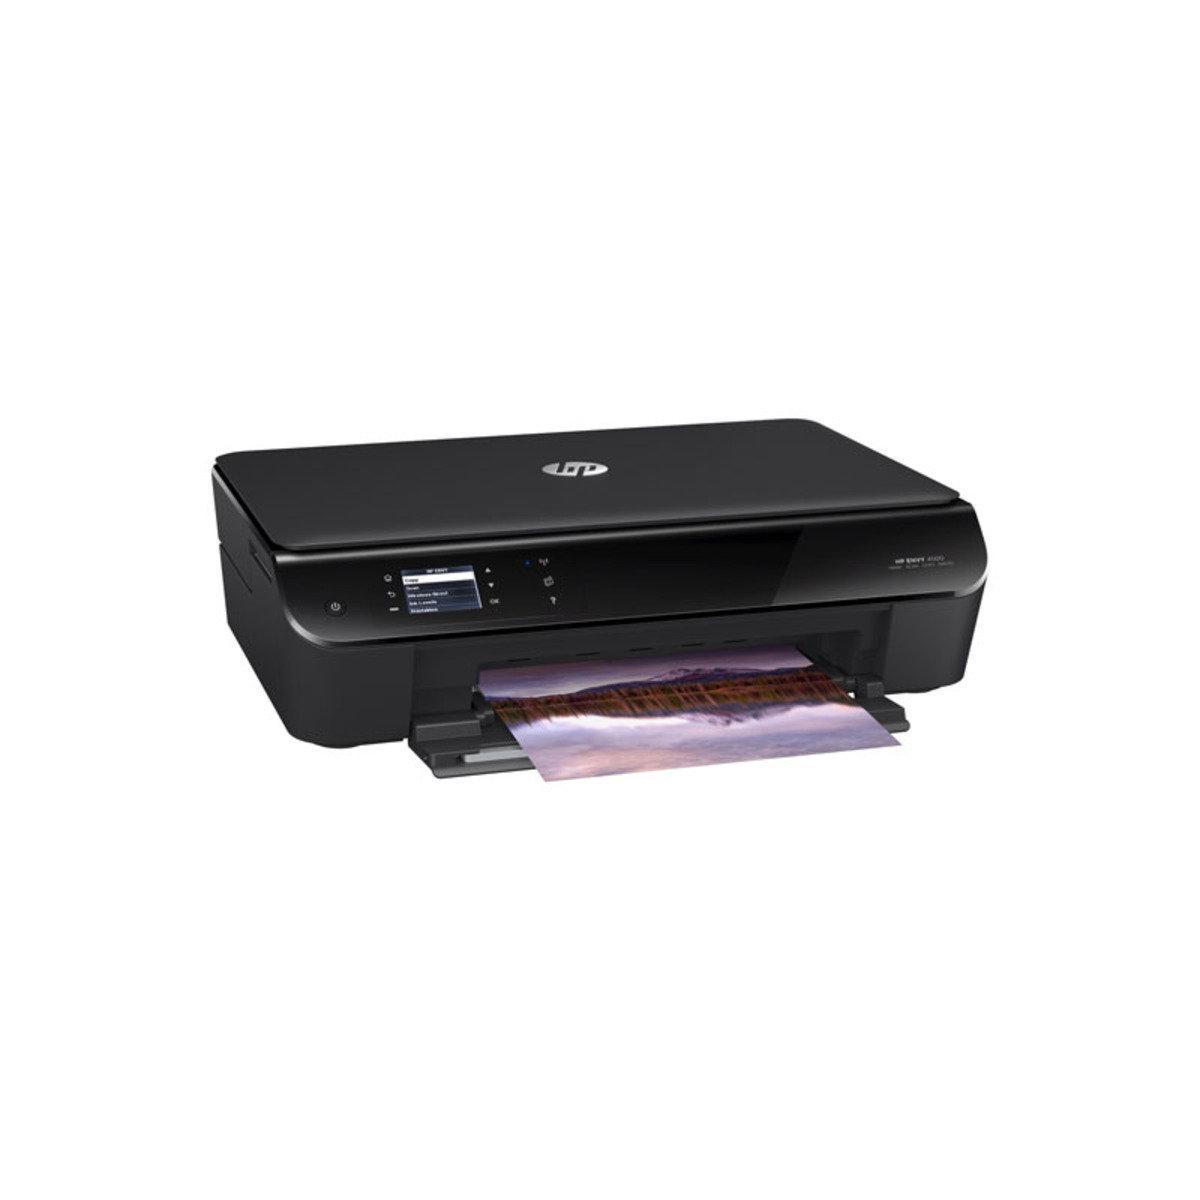 HP Envy 相片及文件多合一打印機 ENVY 4500